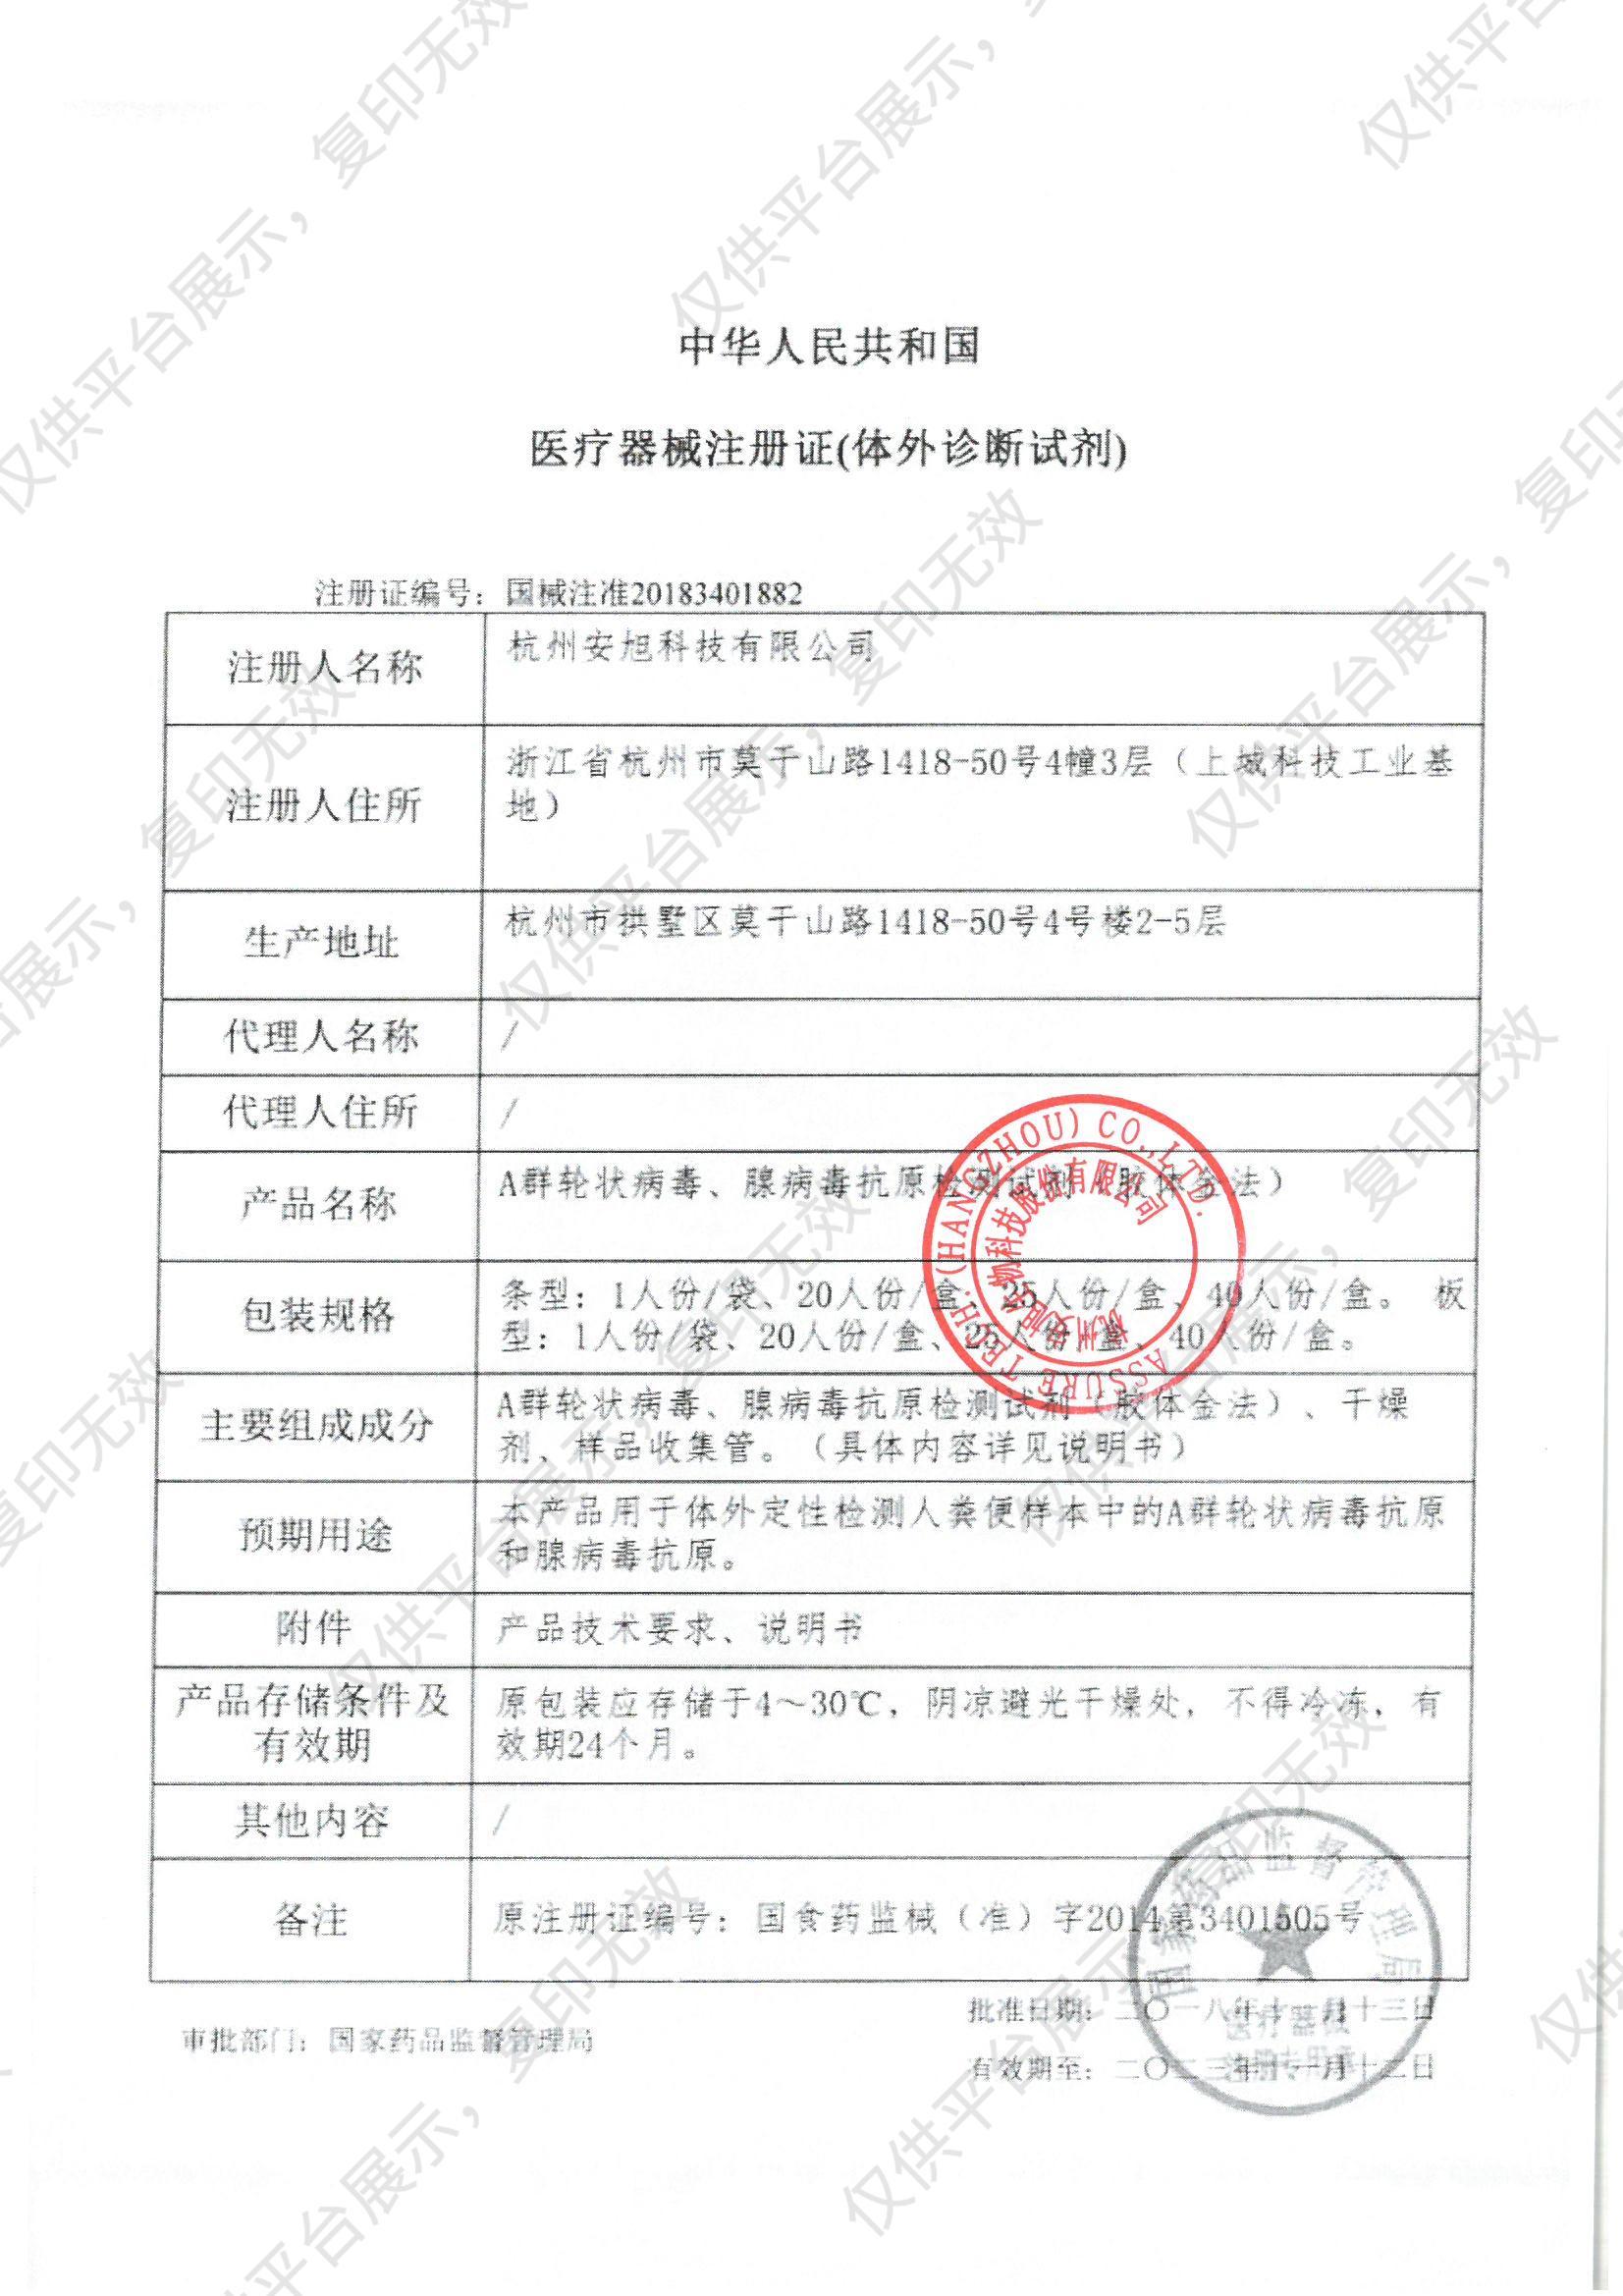 安旭 A群轮状病毒抗原检测试剂(胶体金法) 板型:25人份注册证